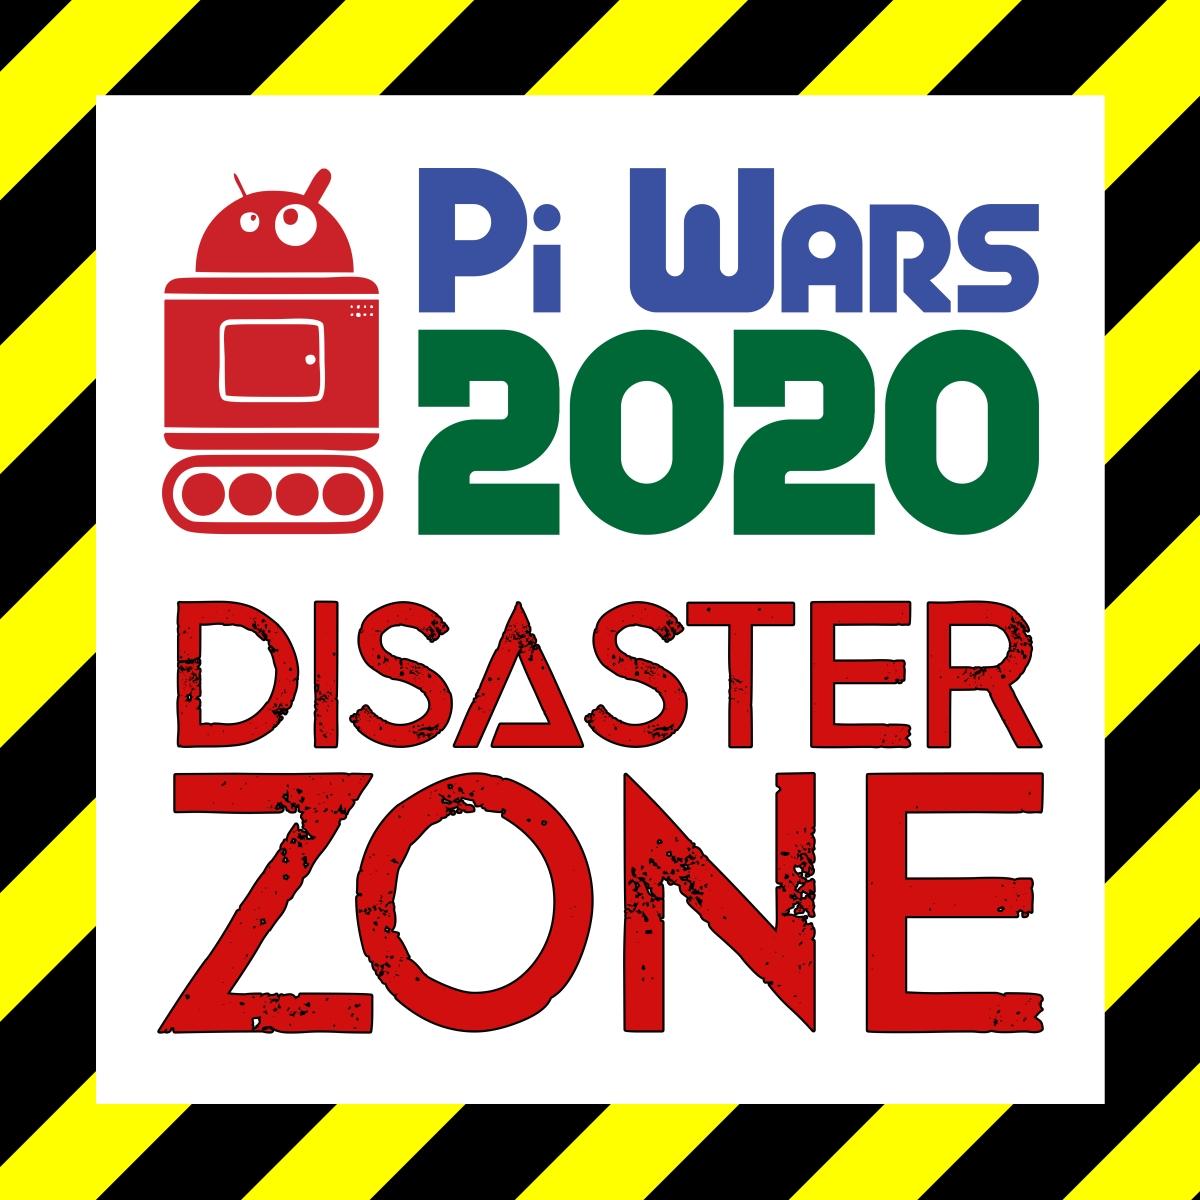 Pi Wars 2020: Disaster Zone!